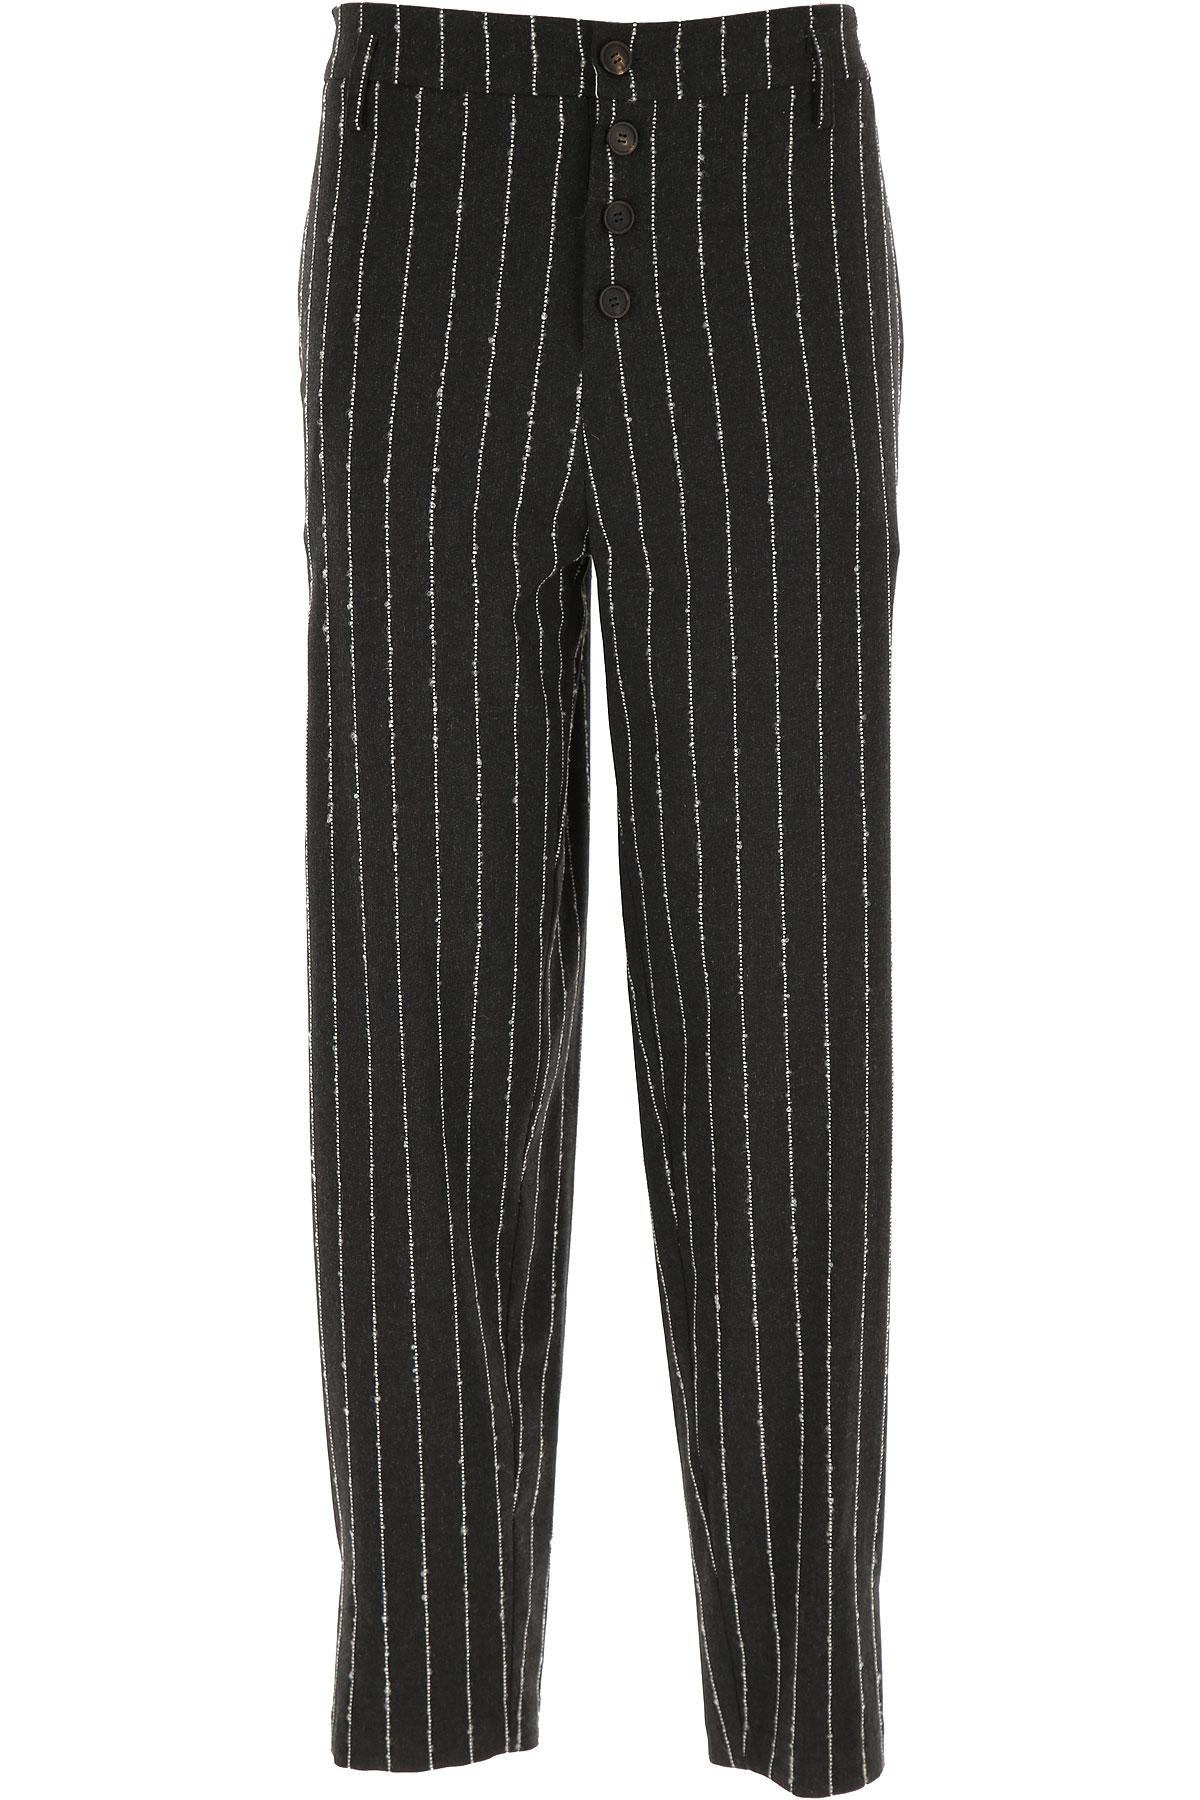 ALYSI Pants for Women On Sale, Blackboard Grey, Viscose, 2019, 26 28